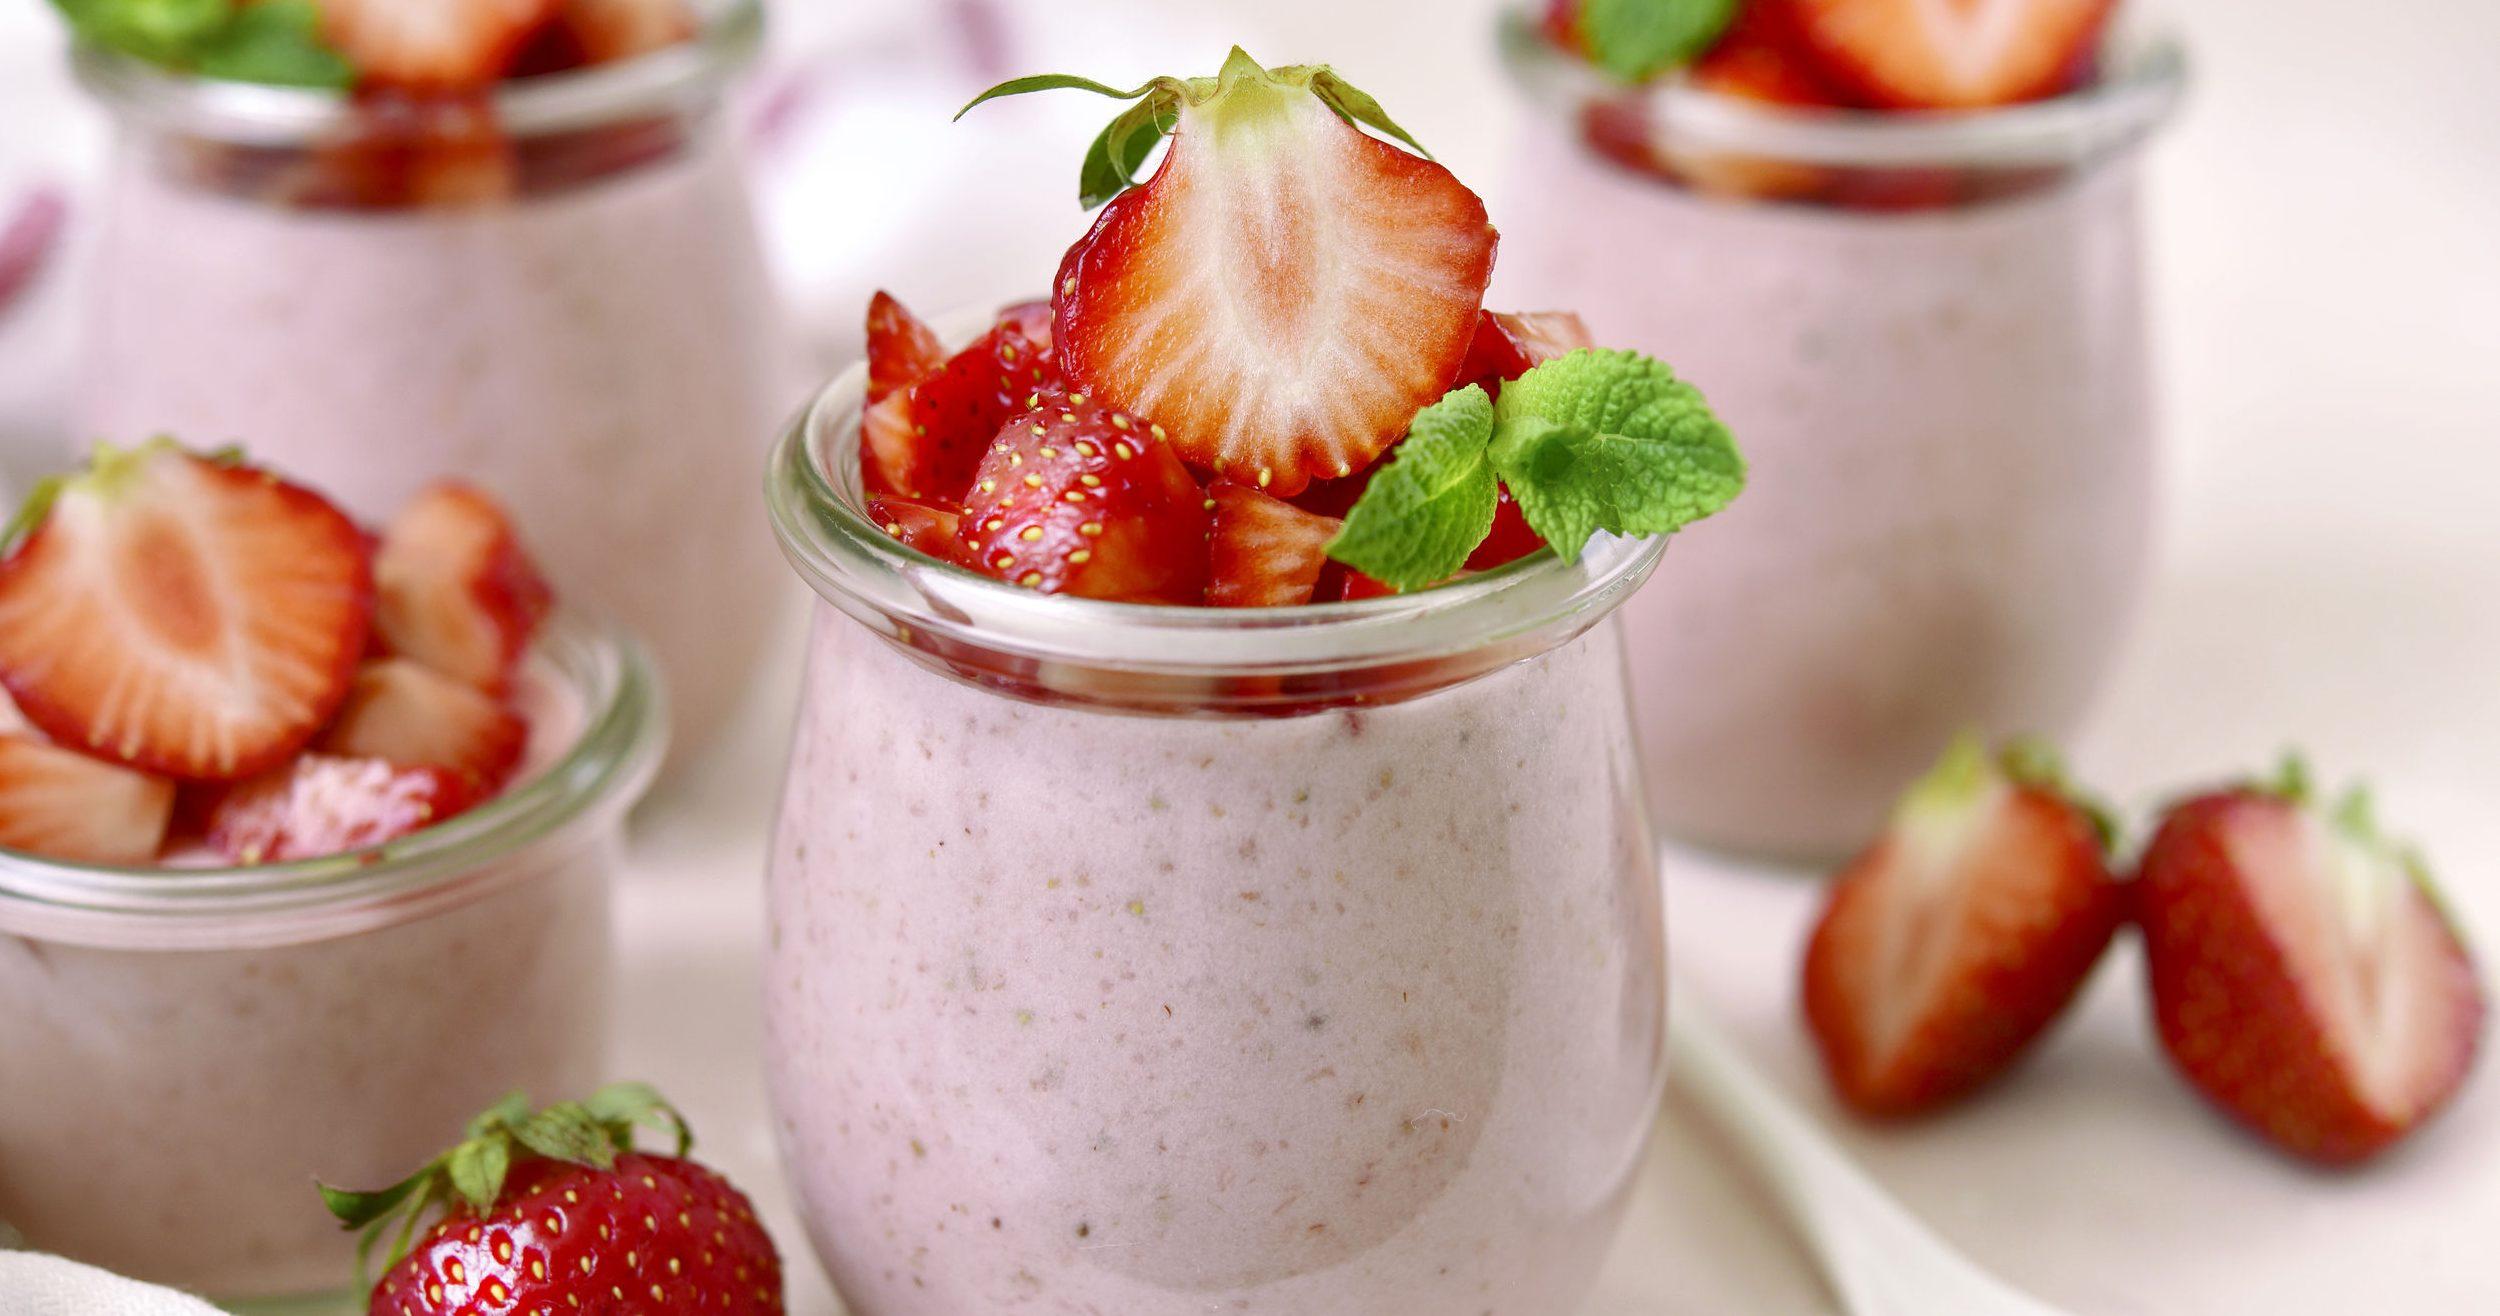 Alimentos com probióticos: Quais são os melhores?